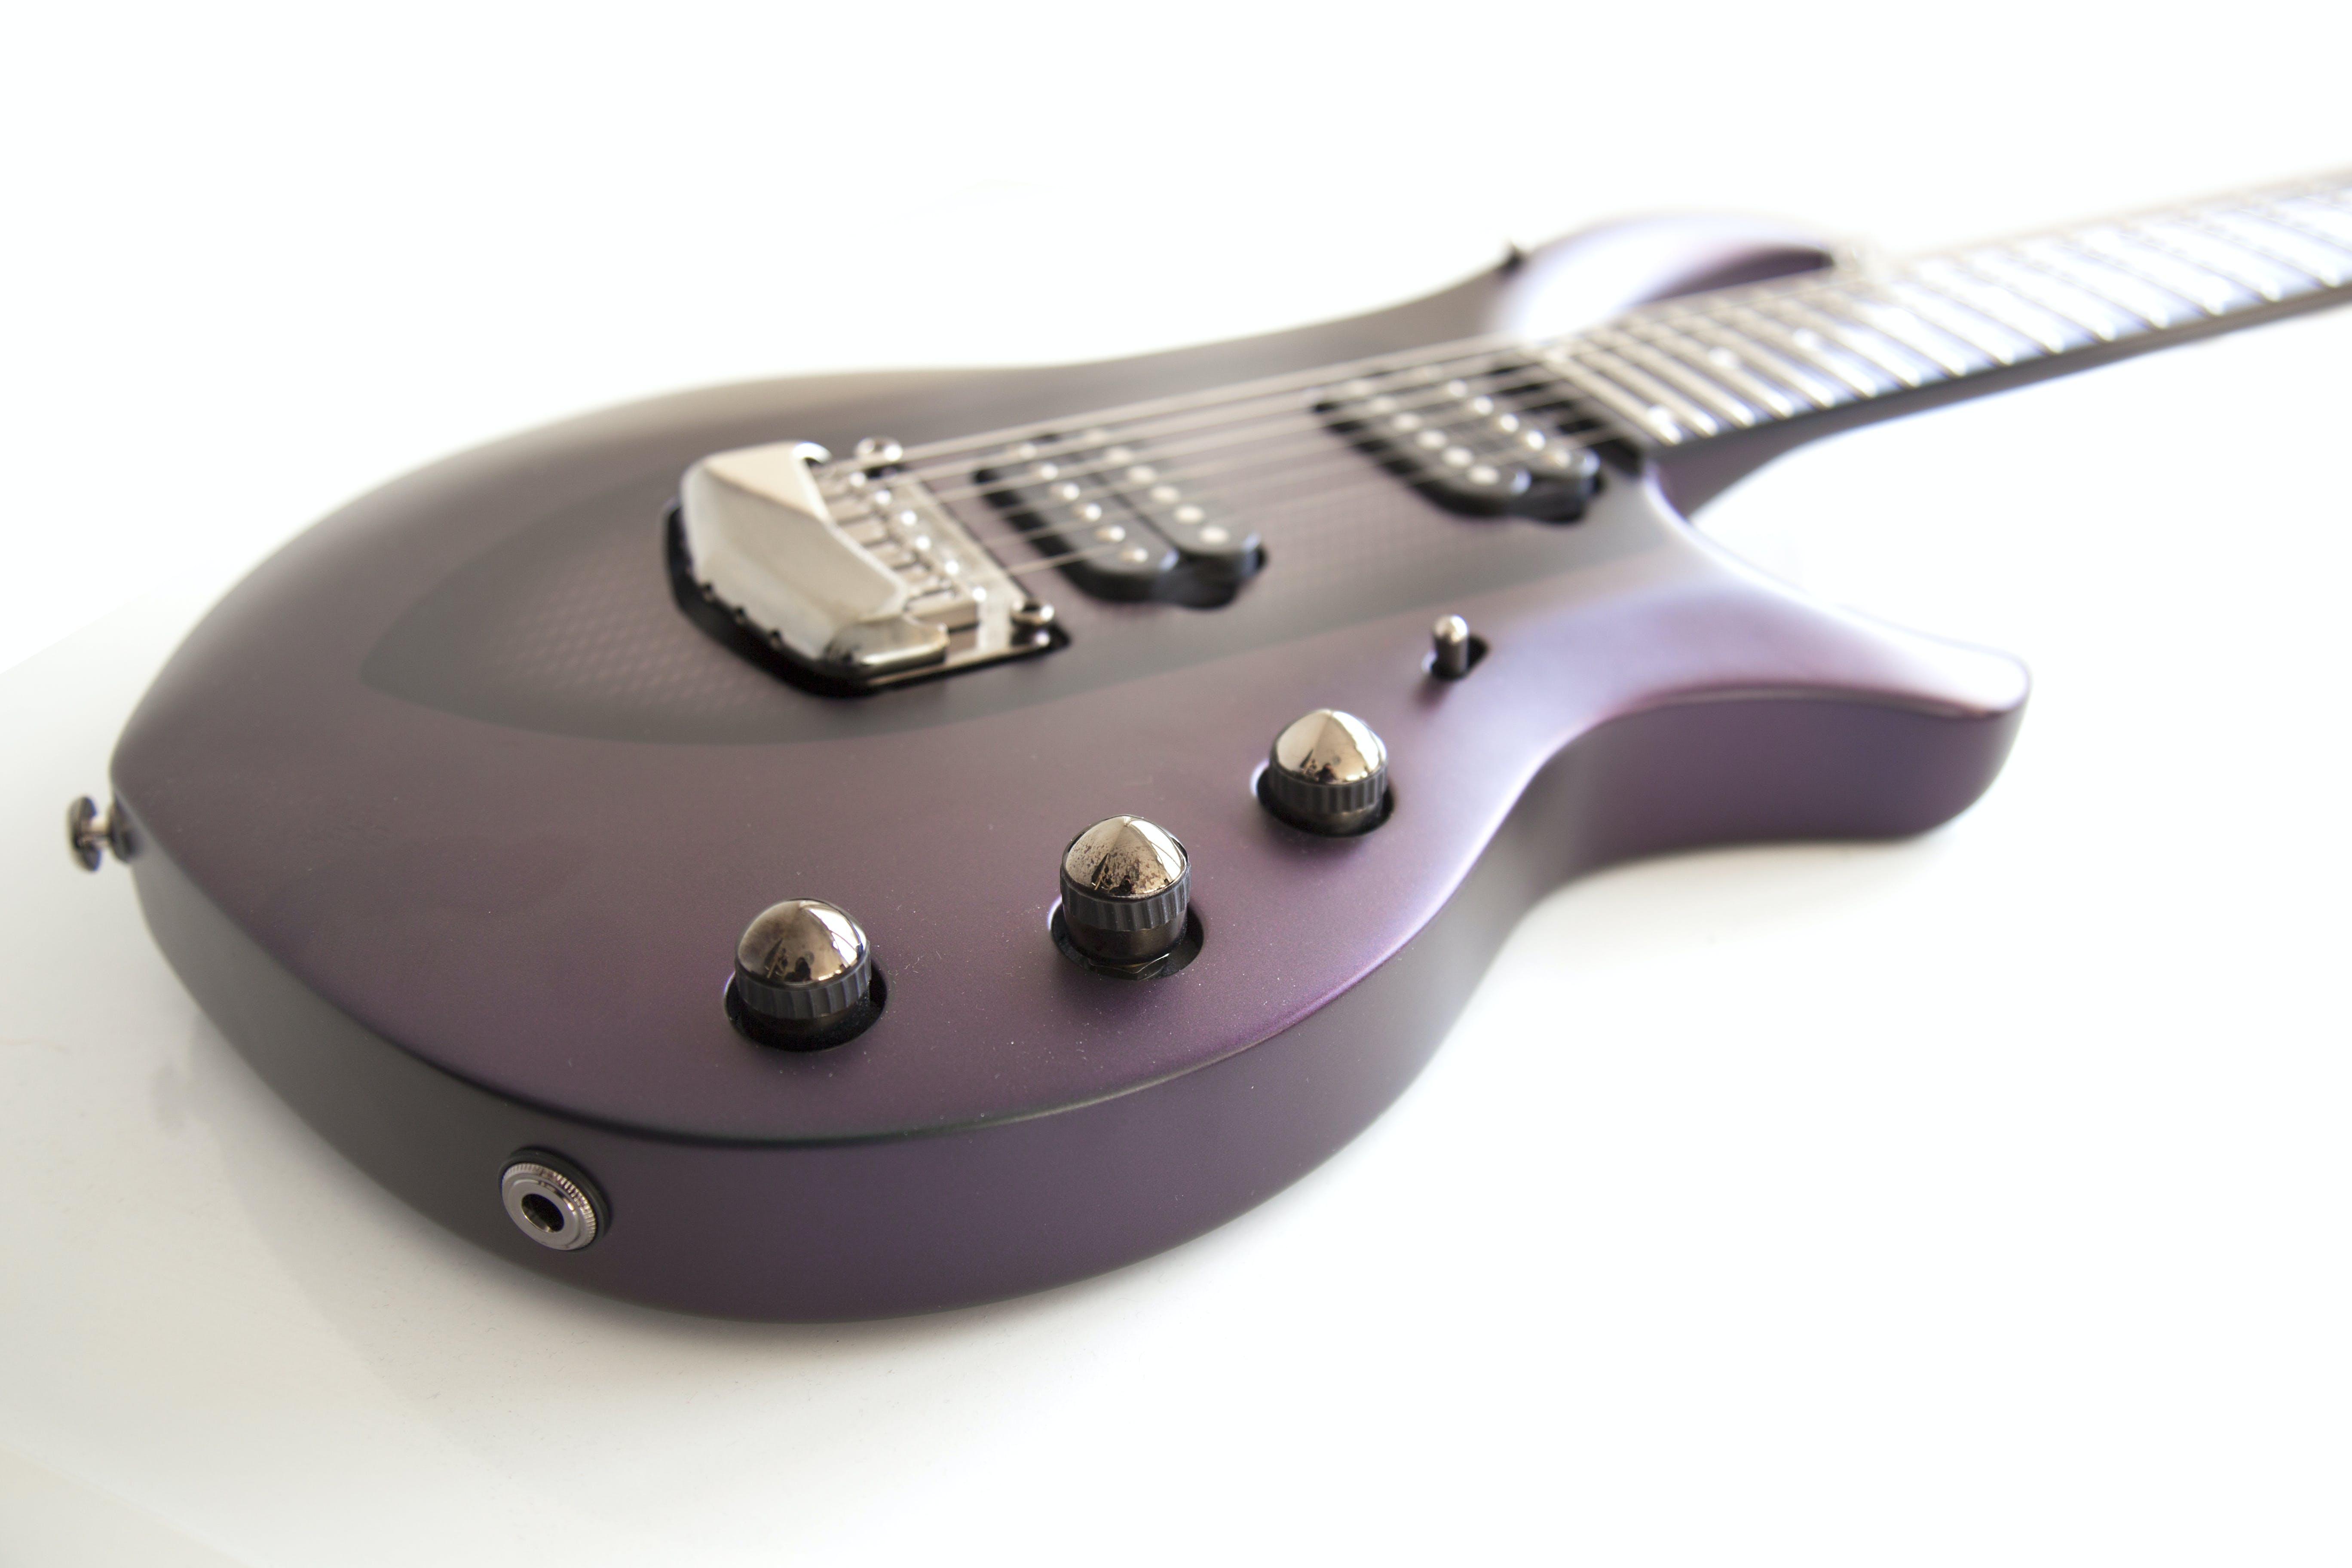 Gratis lagerfoto af elektrisk guitar, ernie bold, guitar, john petrucci